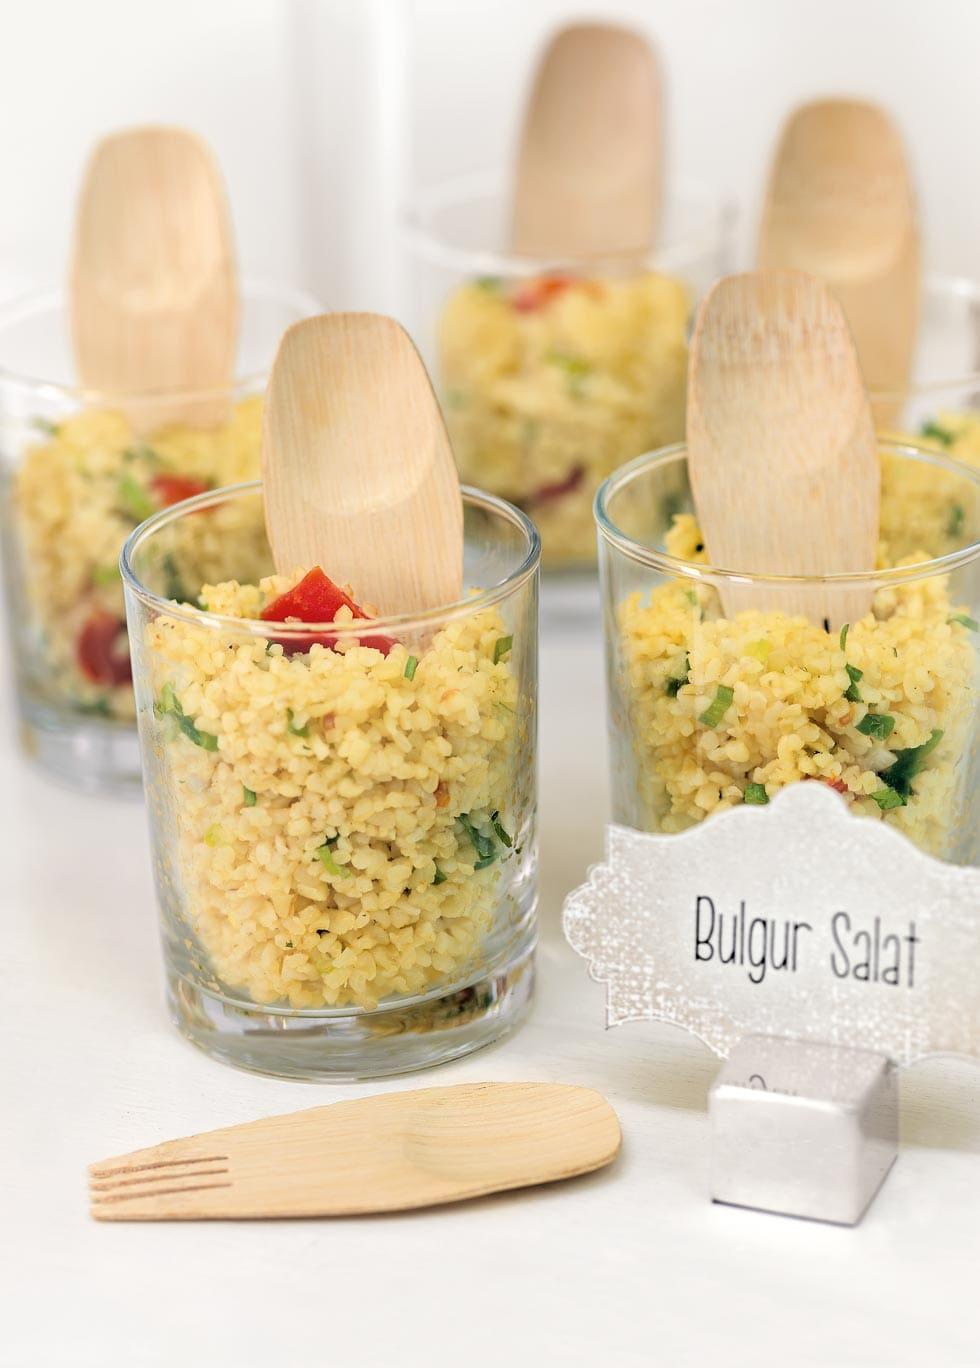 Hochzeit Snacks Bulgur Salat im Glas